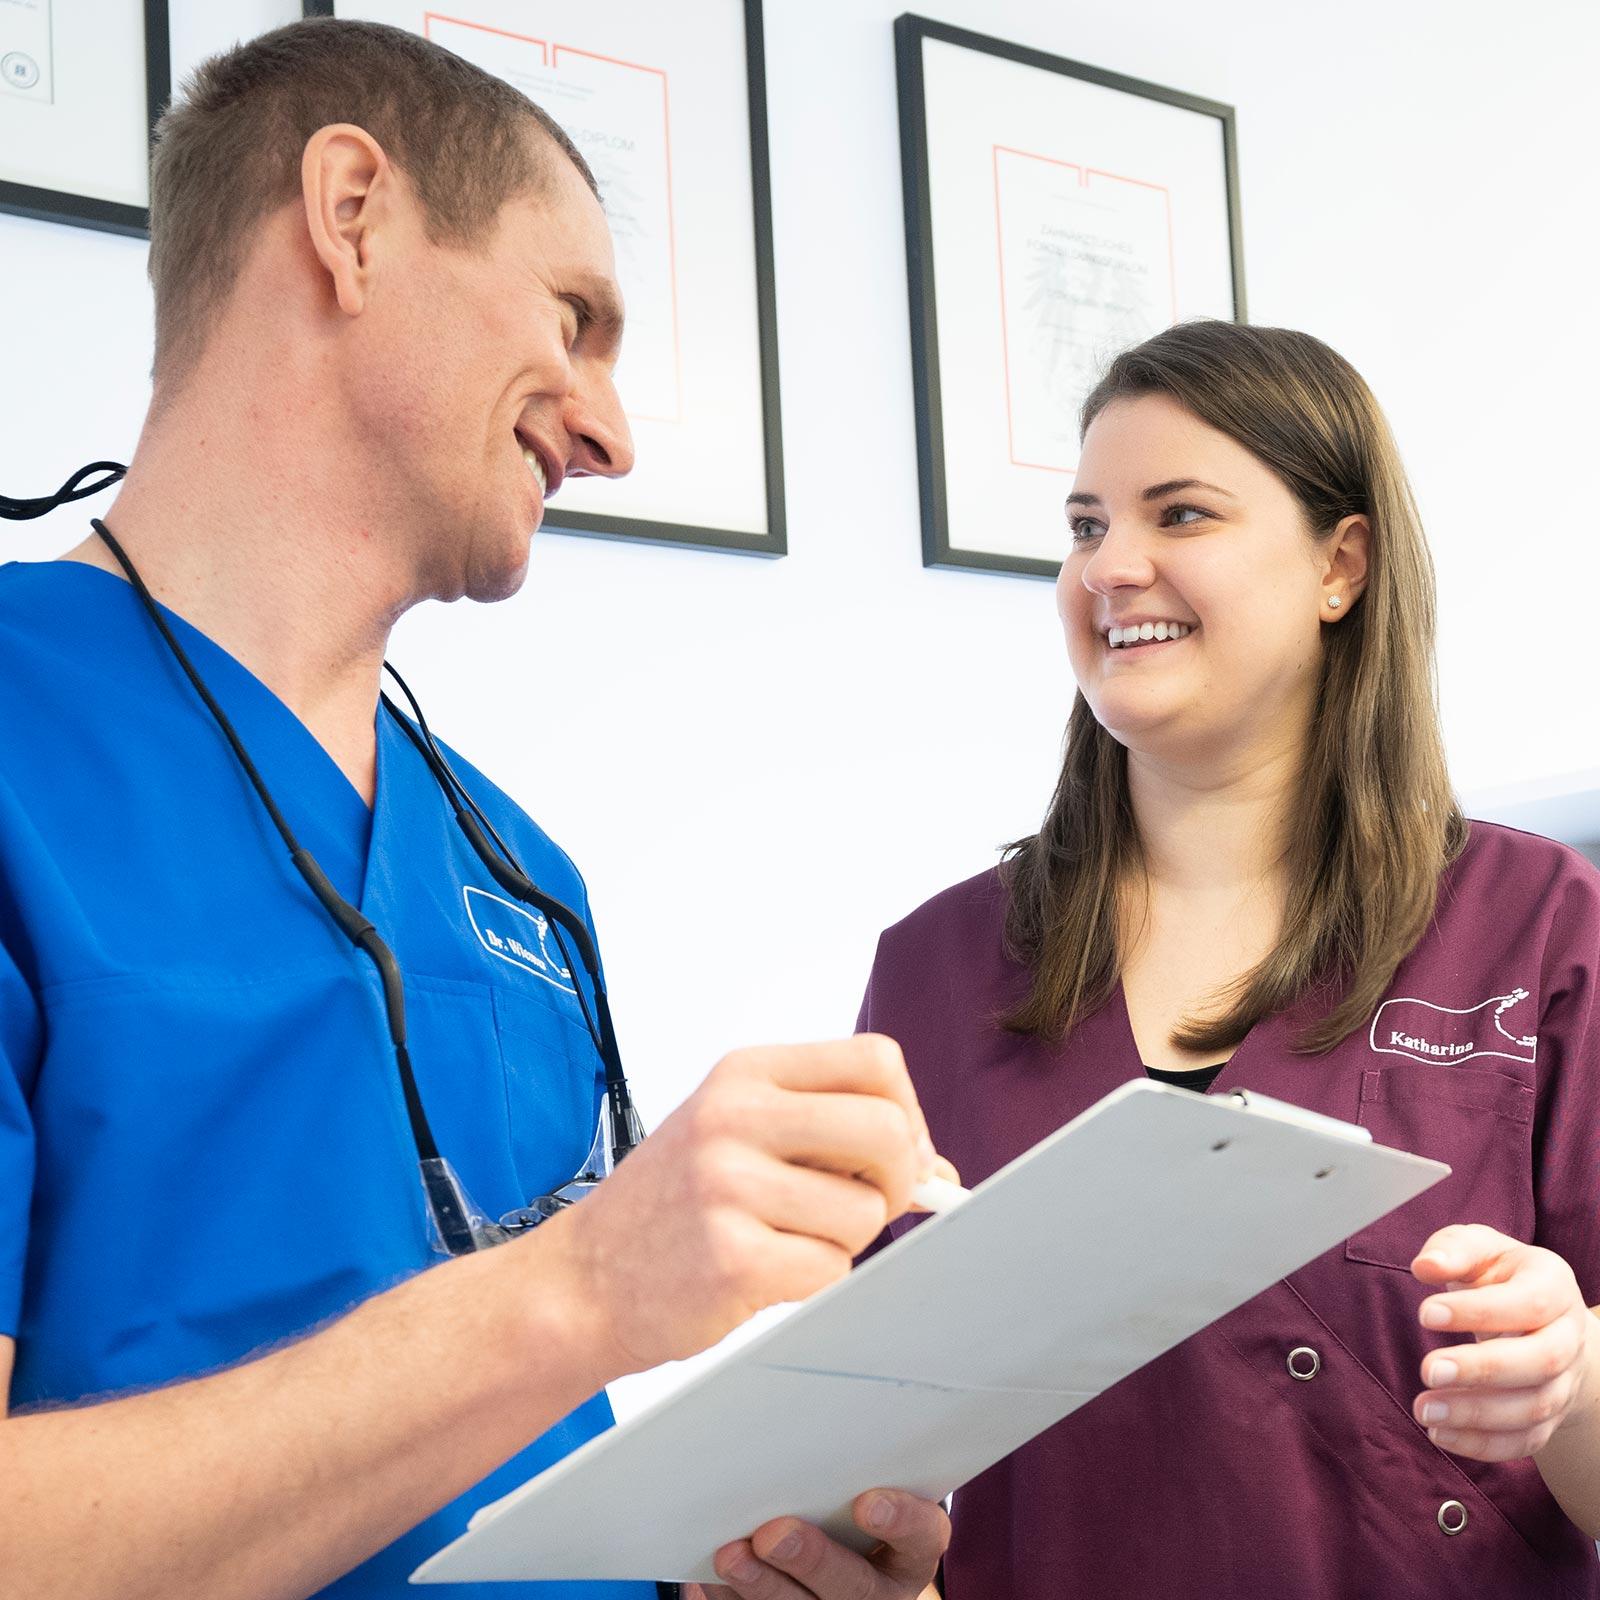 Schwerpunkte für gesunde Zähne bei Dr. Günter Wiesner in Innsbruck.